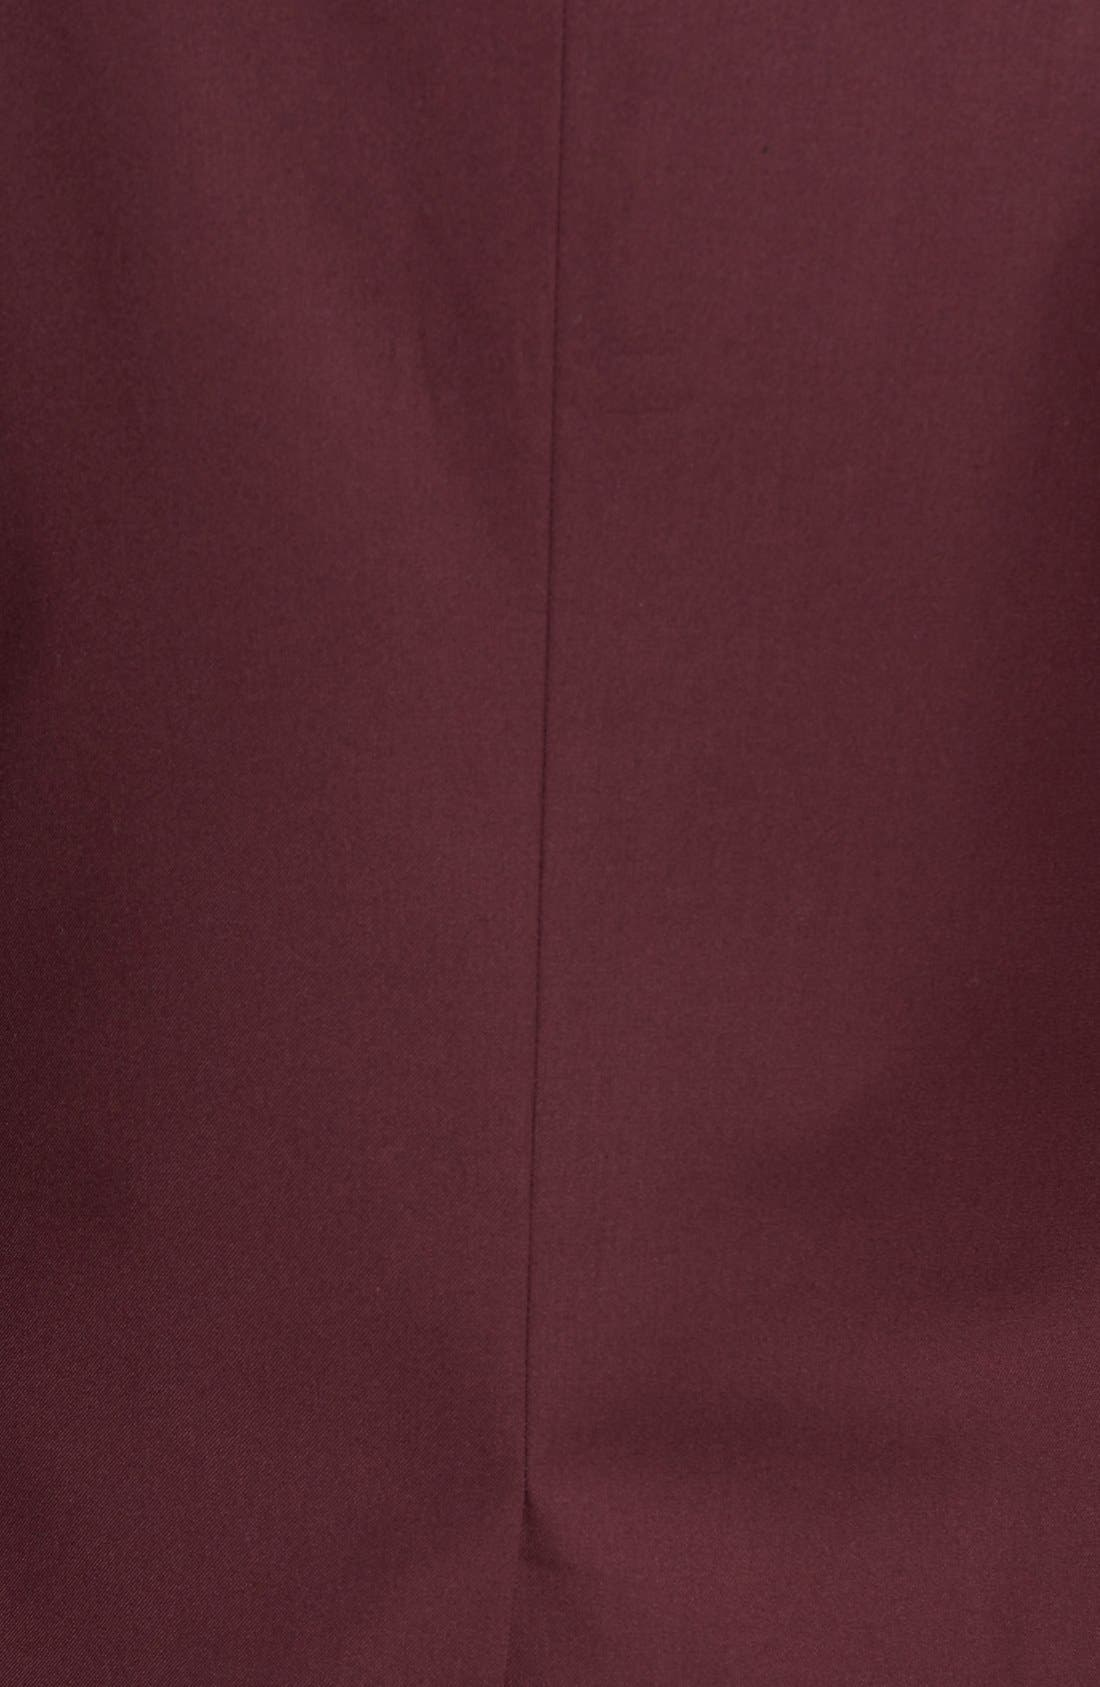 Burgundy Slim Fit Suit Jacket,                             Alternate thumbnail 5, color,                             930